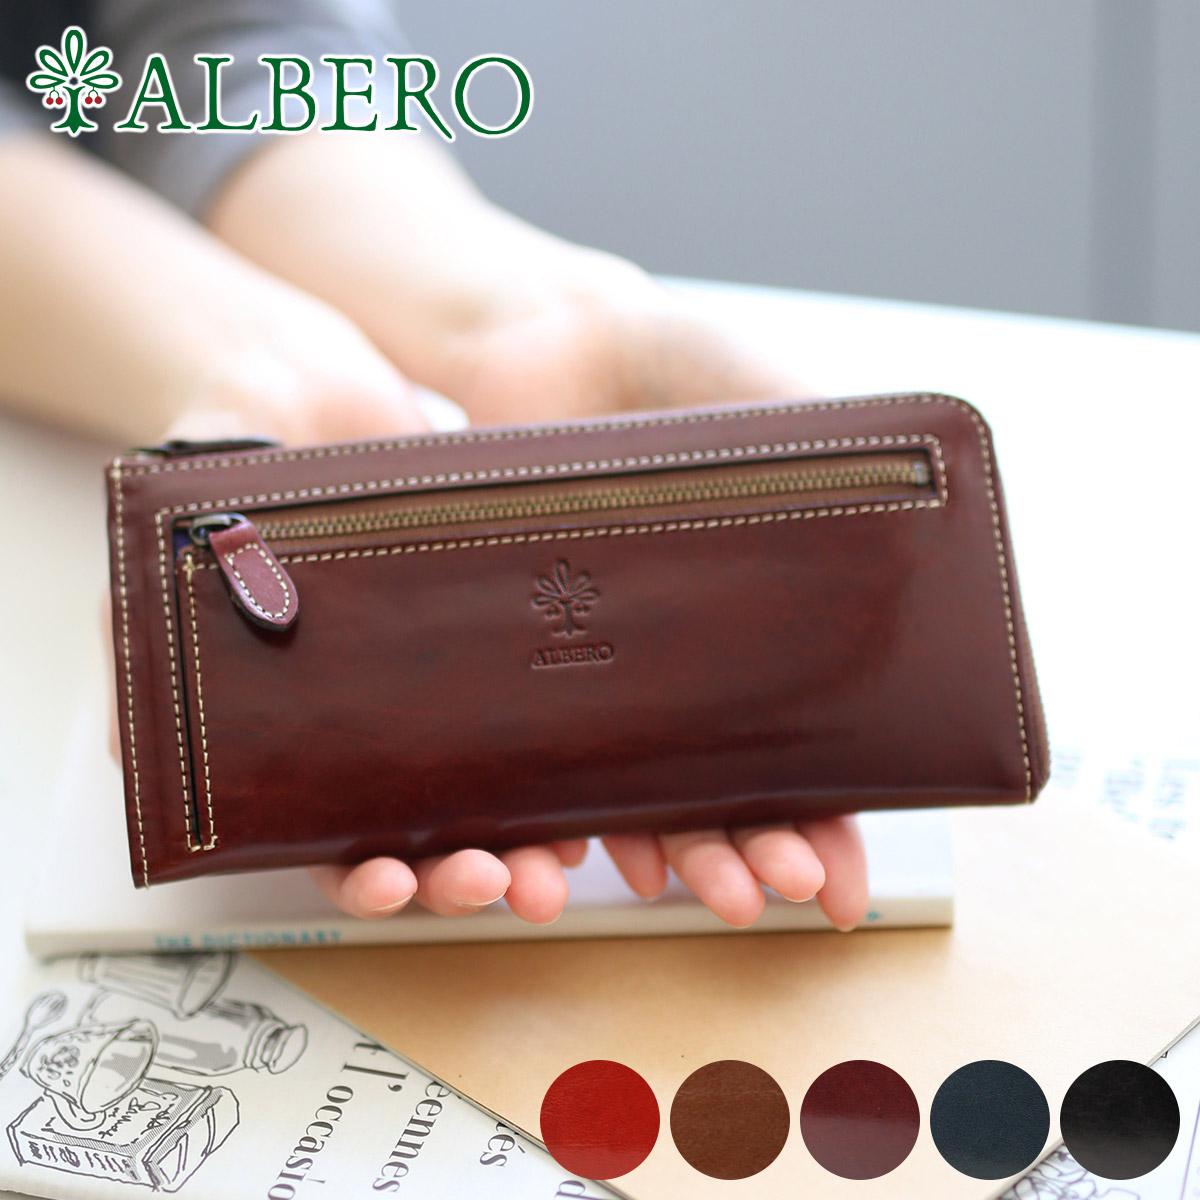 a0d3e4750cd9 アルベロ albero 正規品保証 通販 選べるプレゼント贈呈 レディース 財布 ...